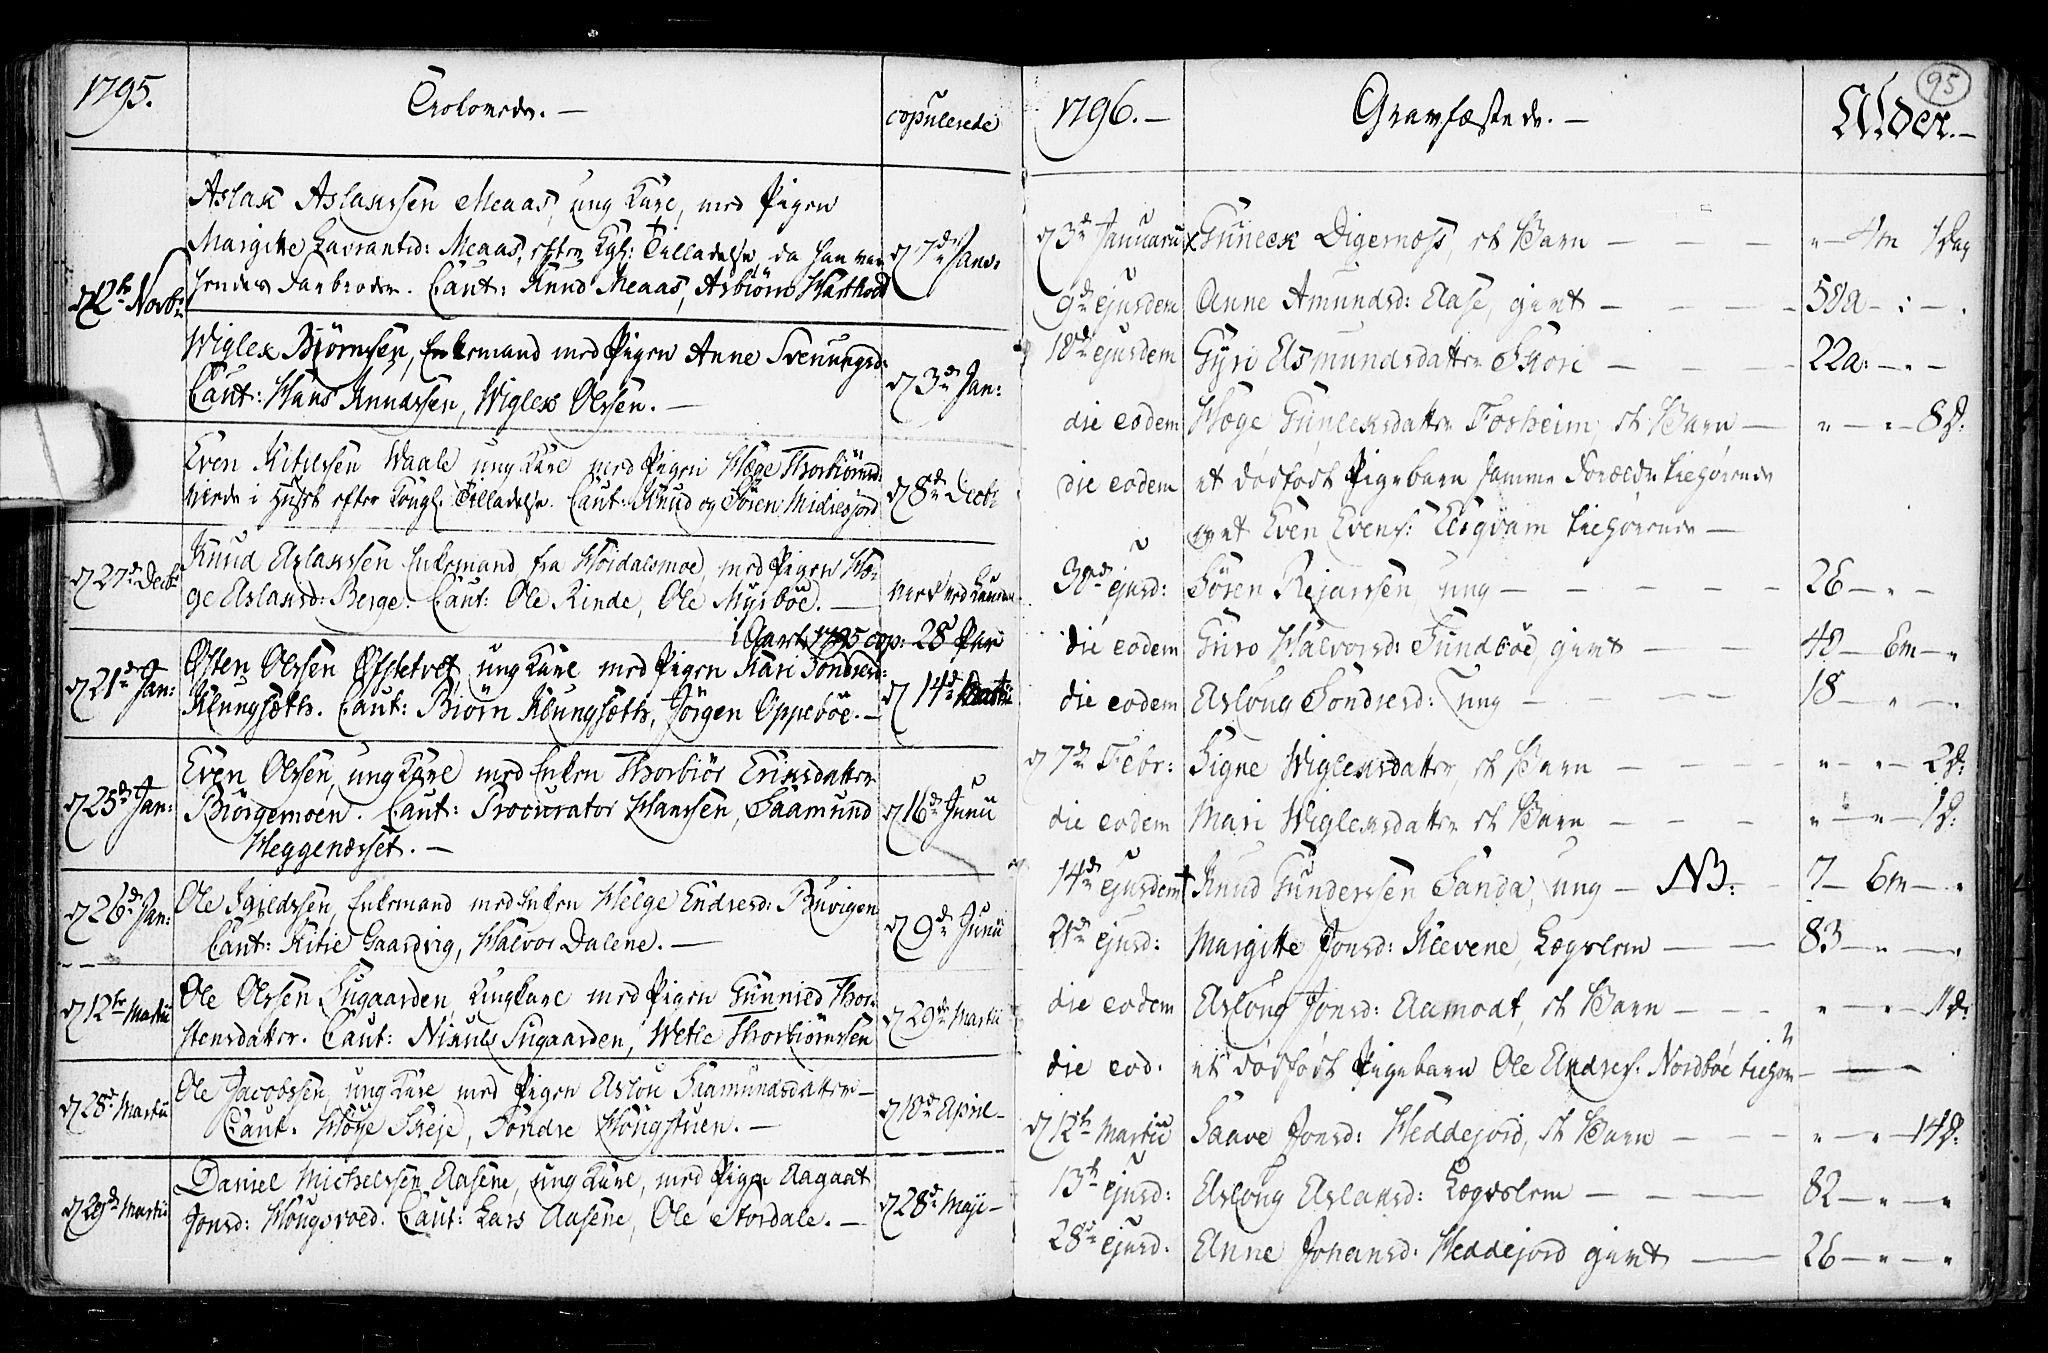 SAKO, Seljord kirkebøker, F/Fa/L0008: Ministerialbok nr. I 8, 1755-1814, s. 95